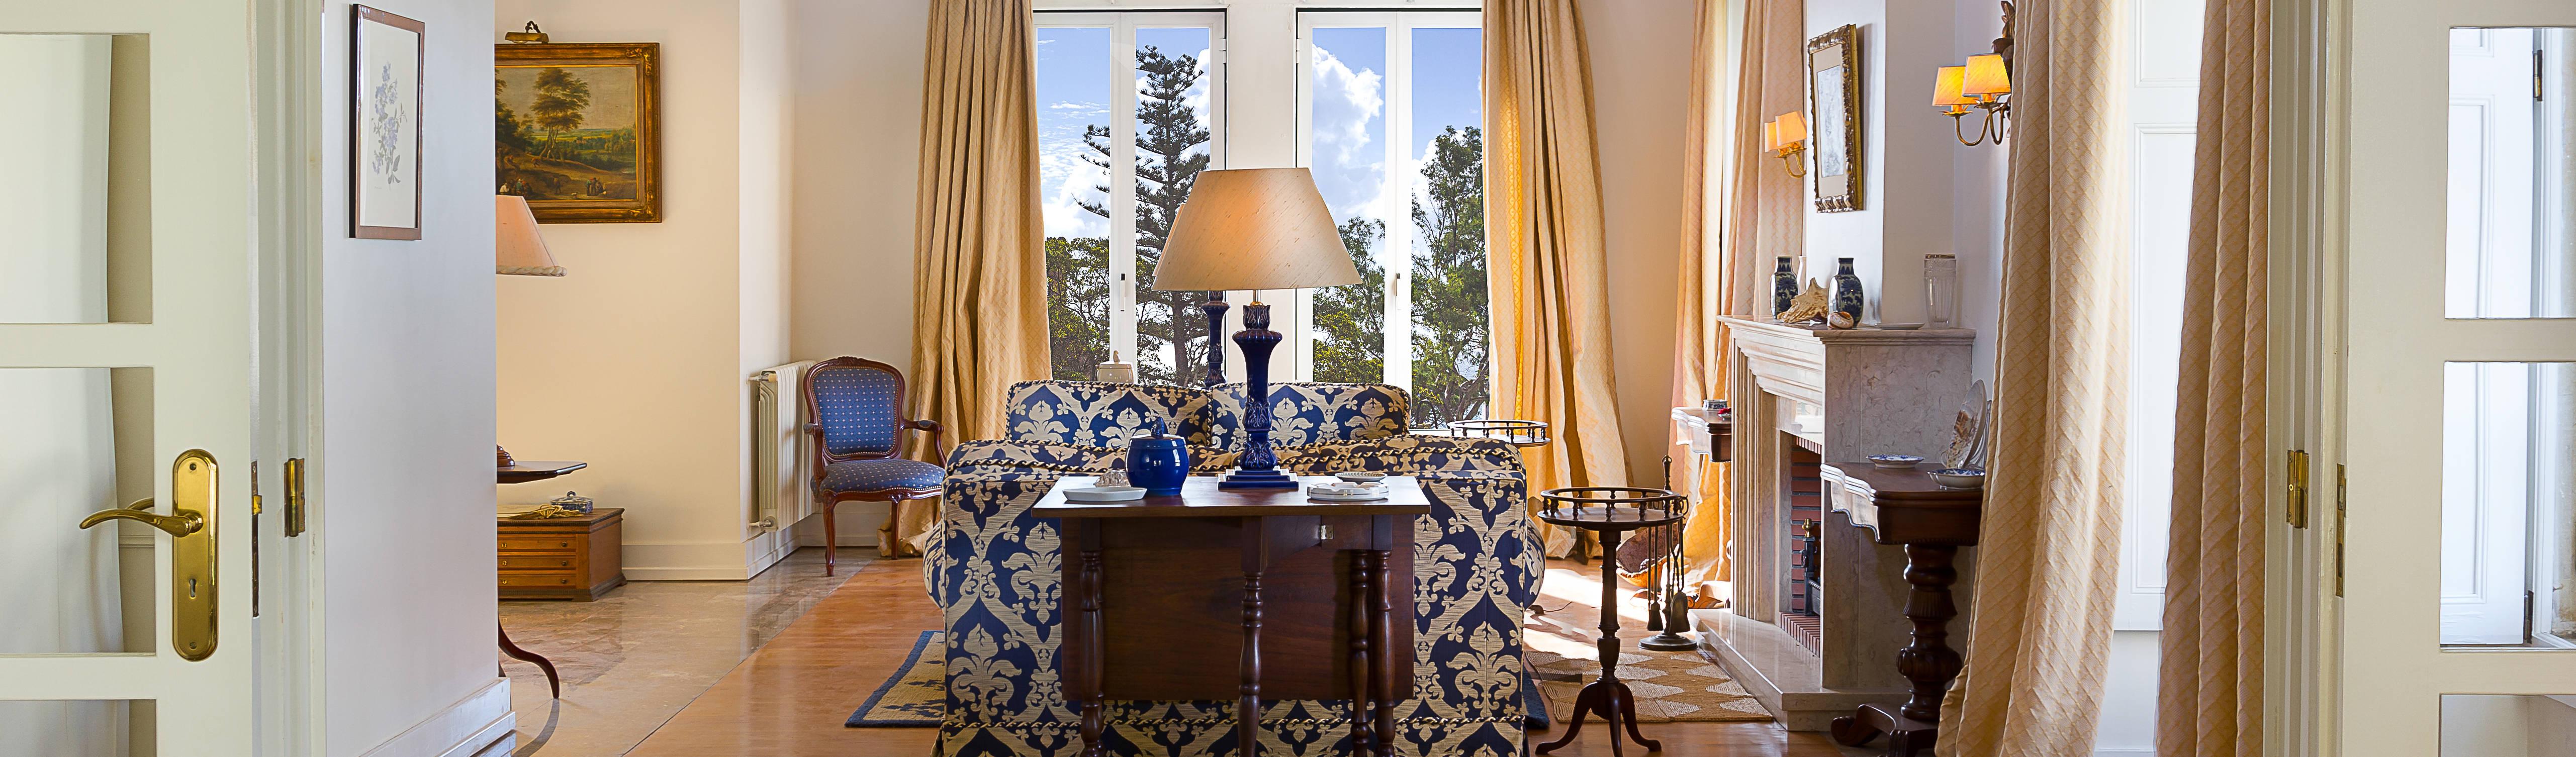 Pedro Brás – Fotógrafo de Interiores e Arquitectura | Hotelaria | Alojamento Local | Imobiliárias